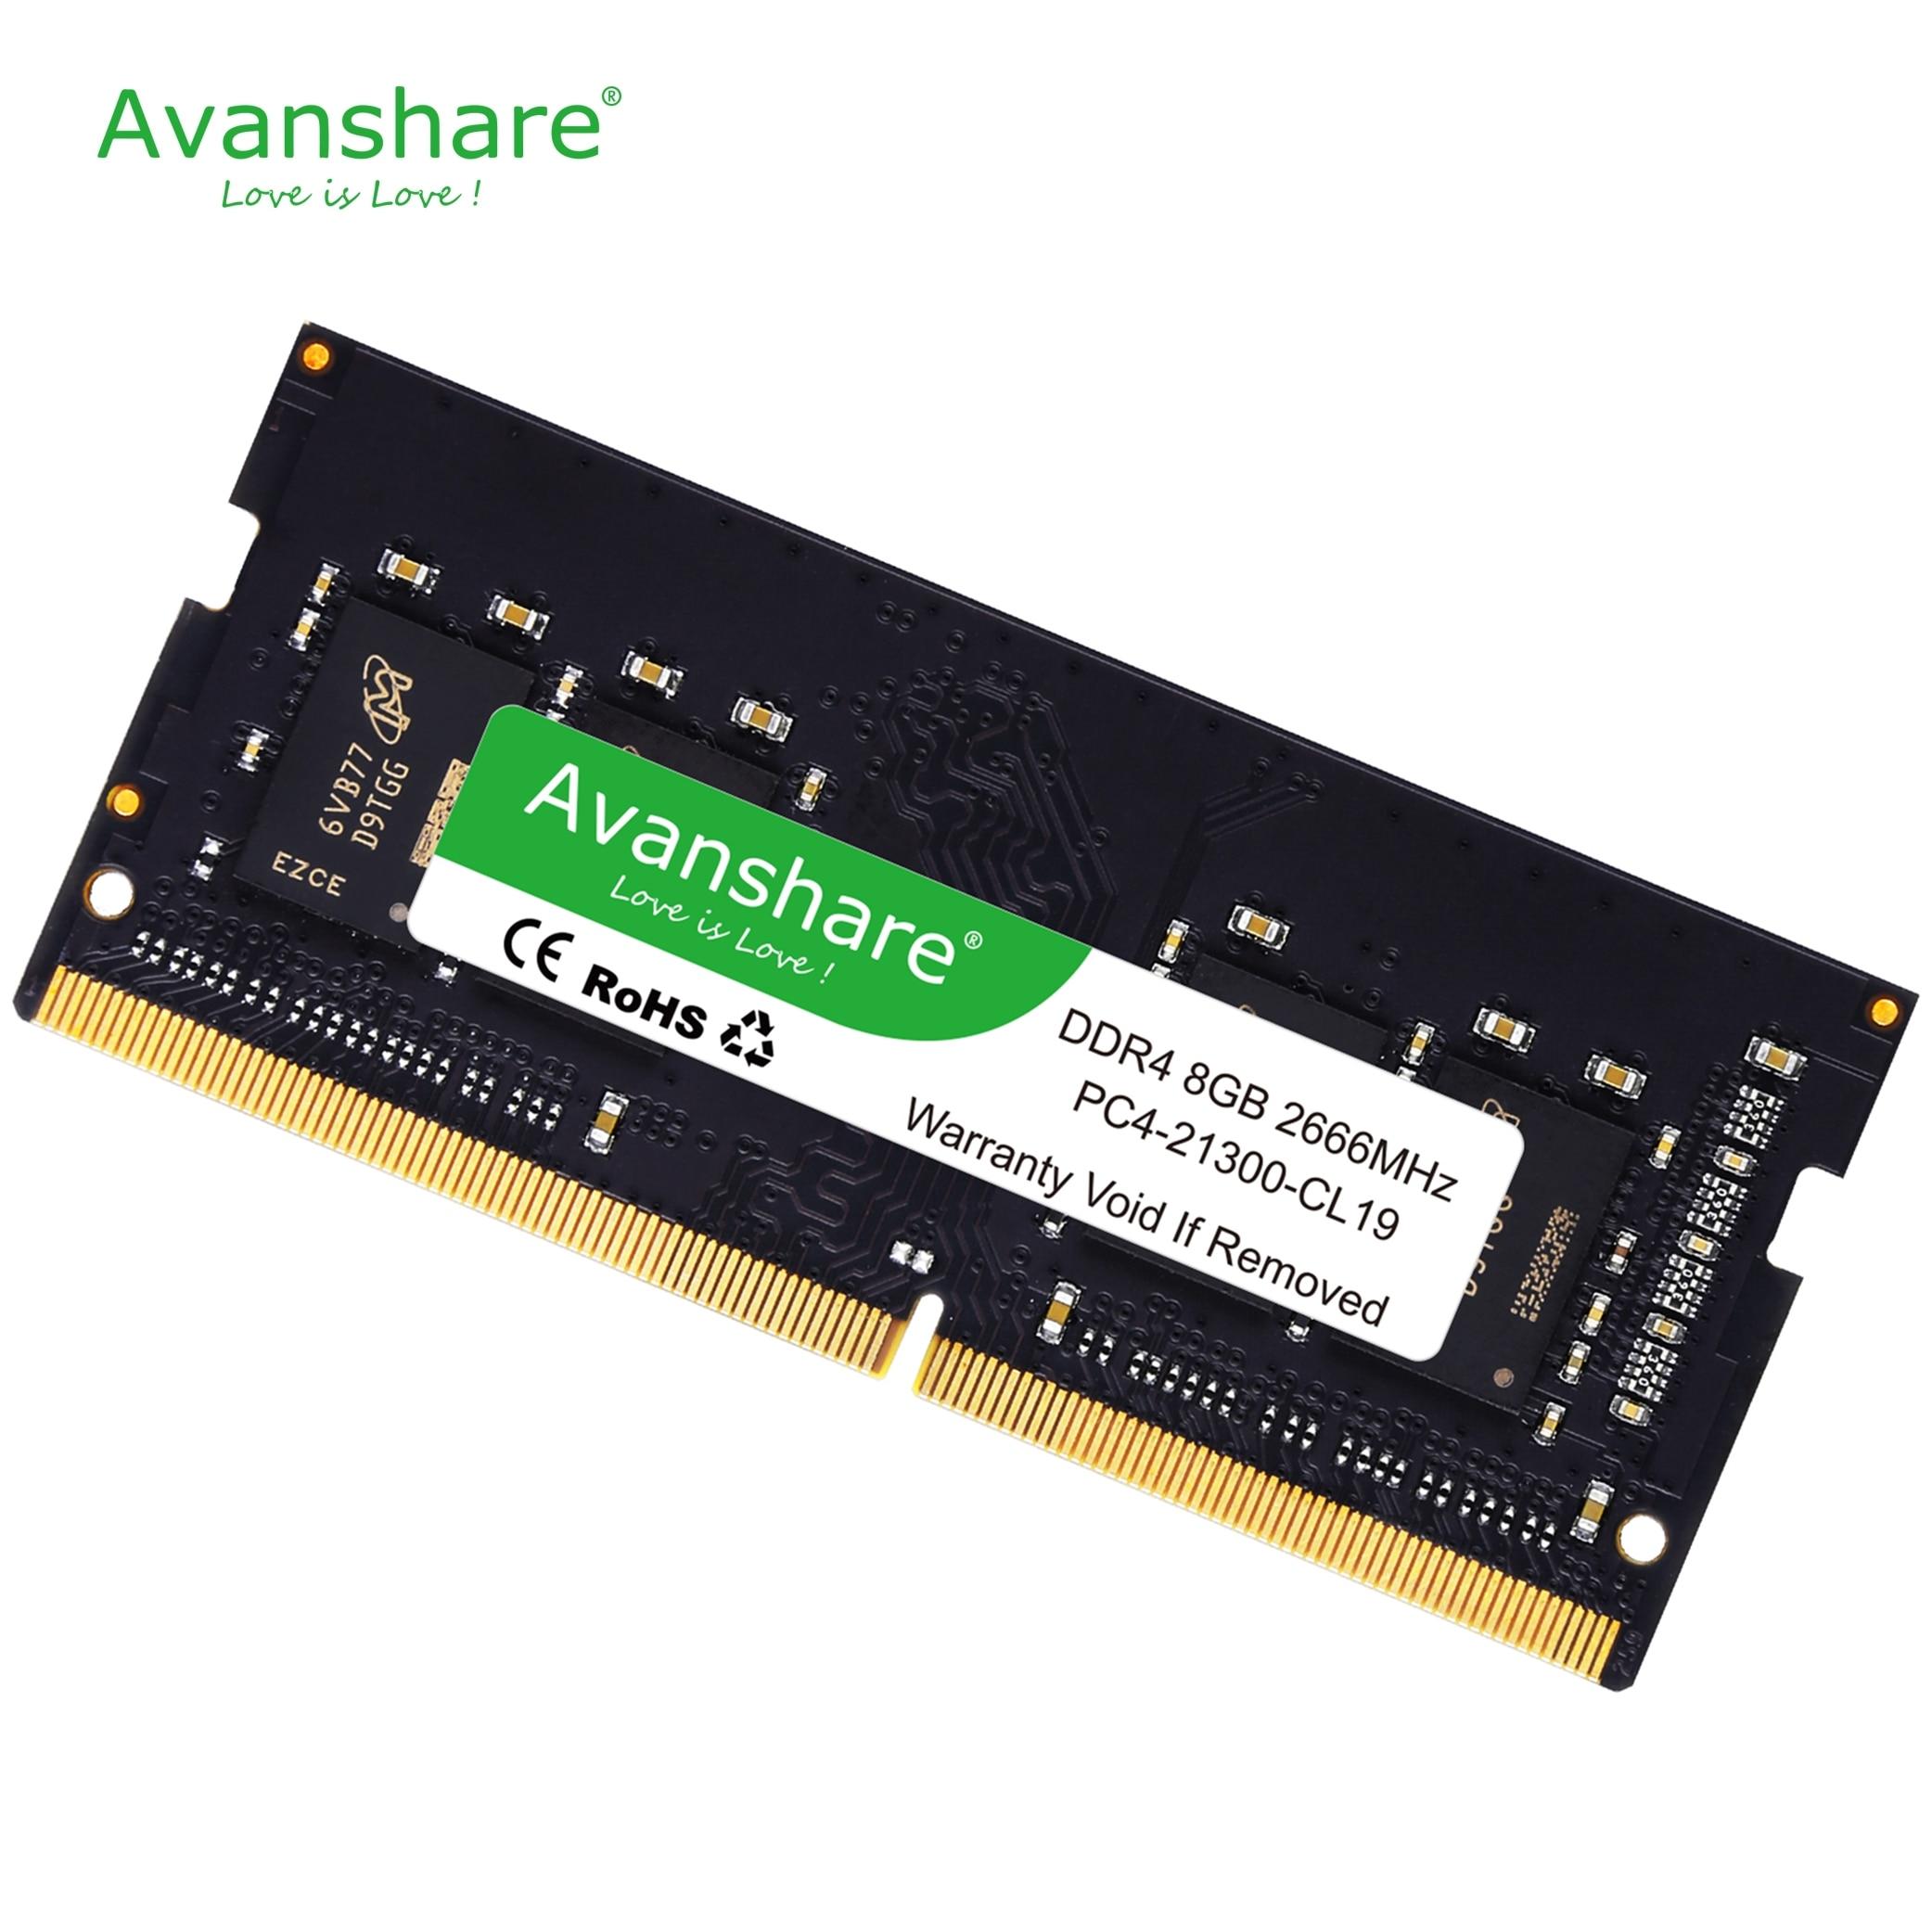 Avanshare ddr4 ram 8GB 4GB 16GB 2400MHz 2666 DIMM Support de mémoire d'ordinateur portable carte mère ddr4